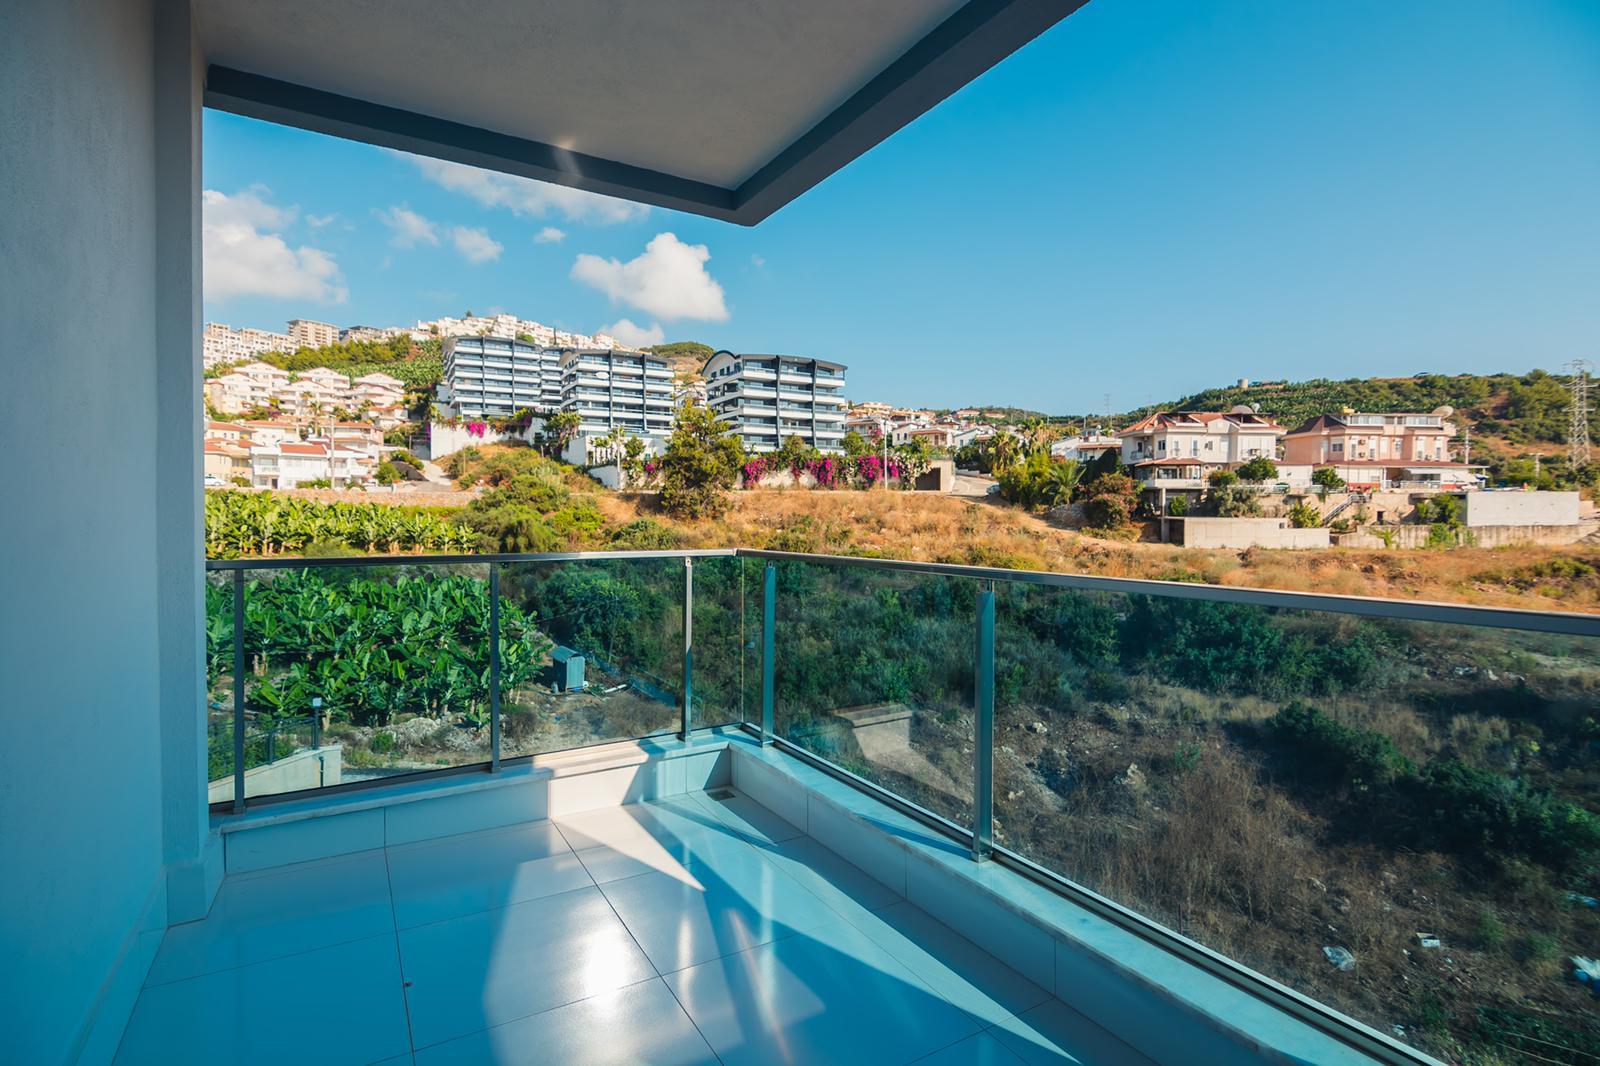 Ультра Люкс пентхаус 3+1 с видом на море и бассейном на балконе